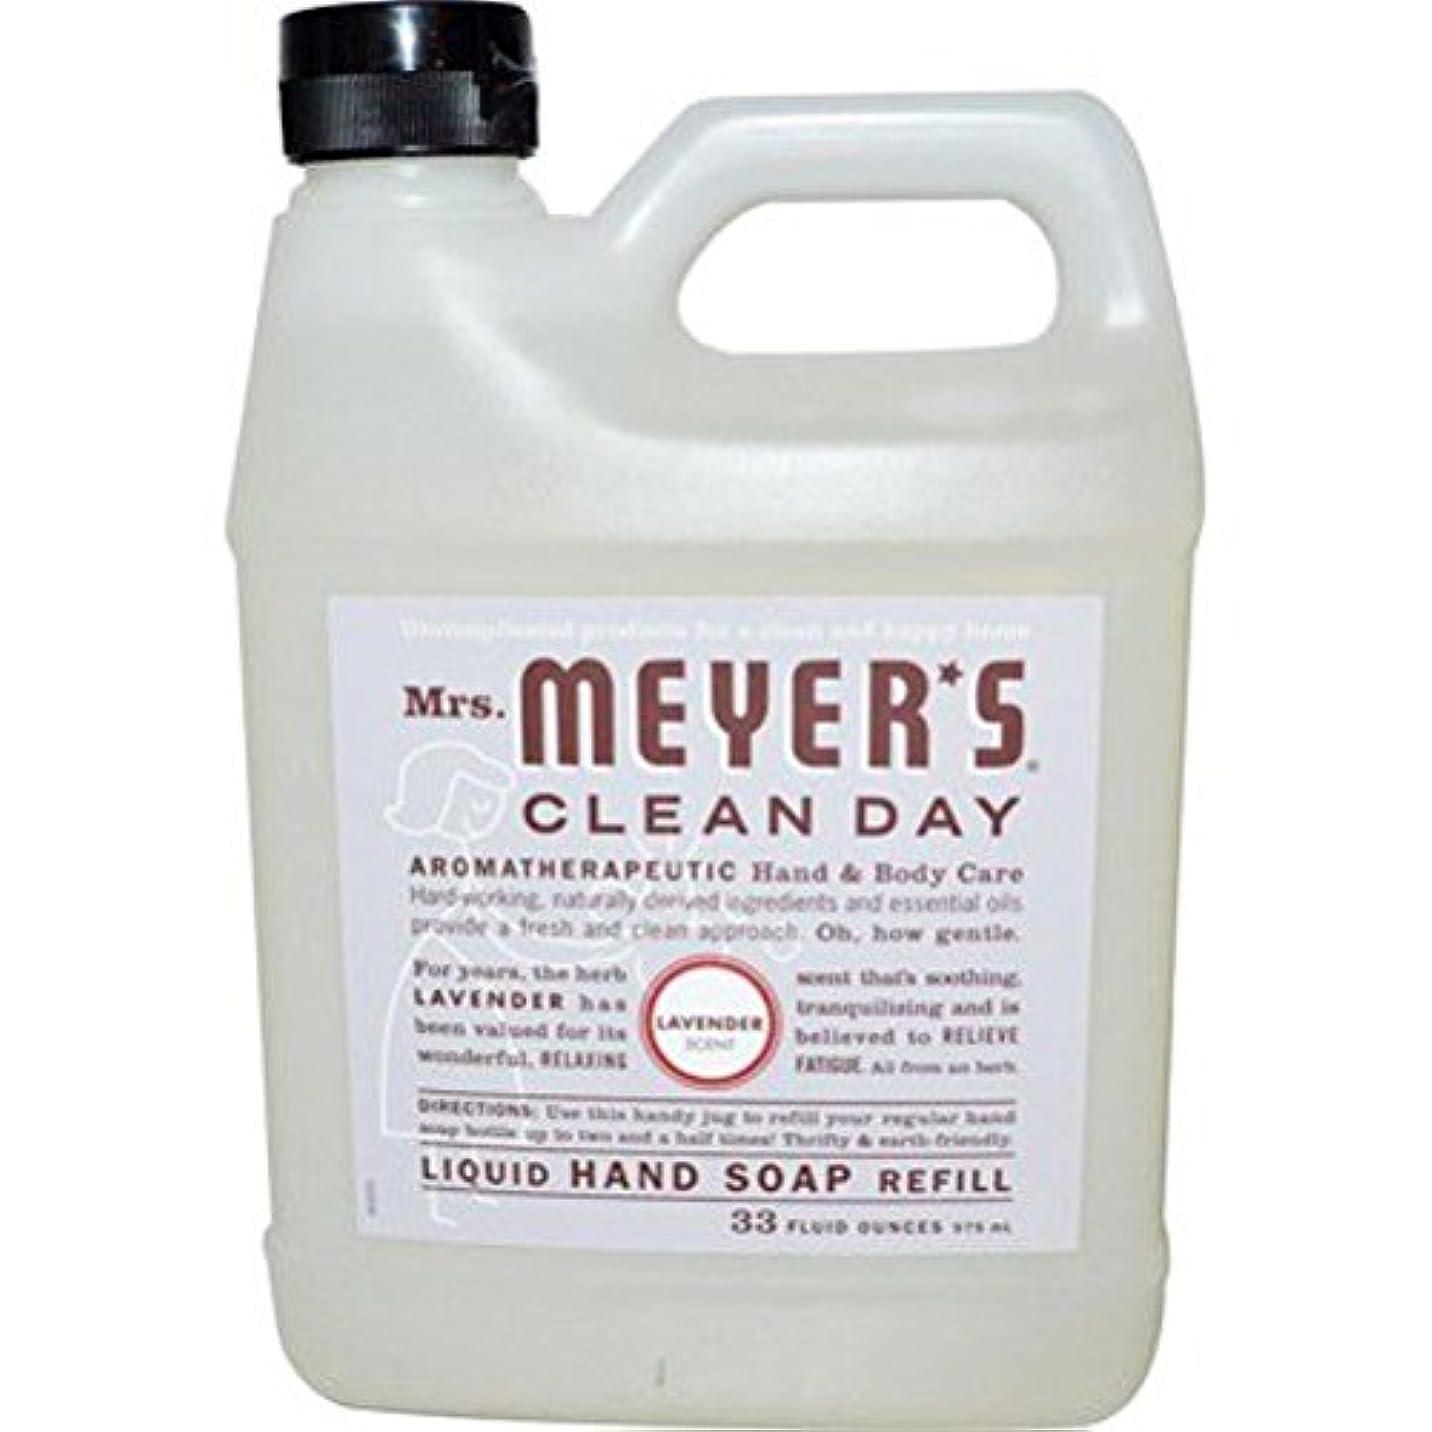 キャラバン芸術的無知Mrs. Meyers Clean Day, Liquid Hand Soap Refill, Lavender Scent, 33 fl oz (975 ml)